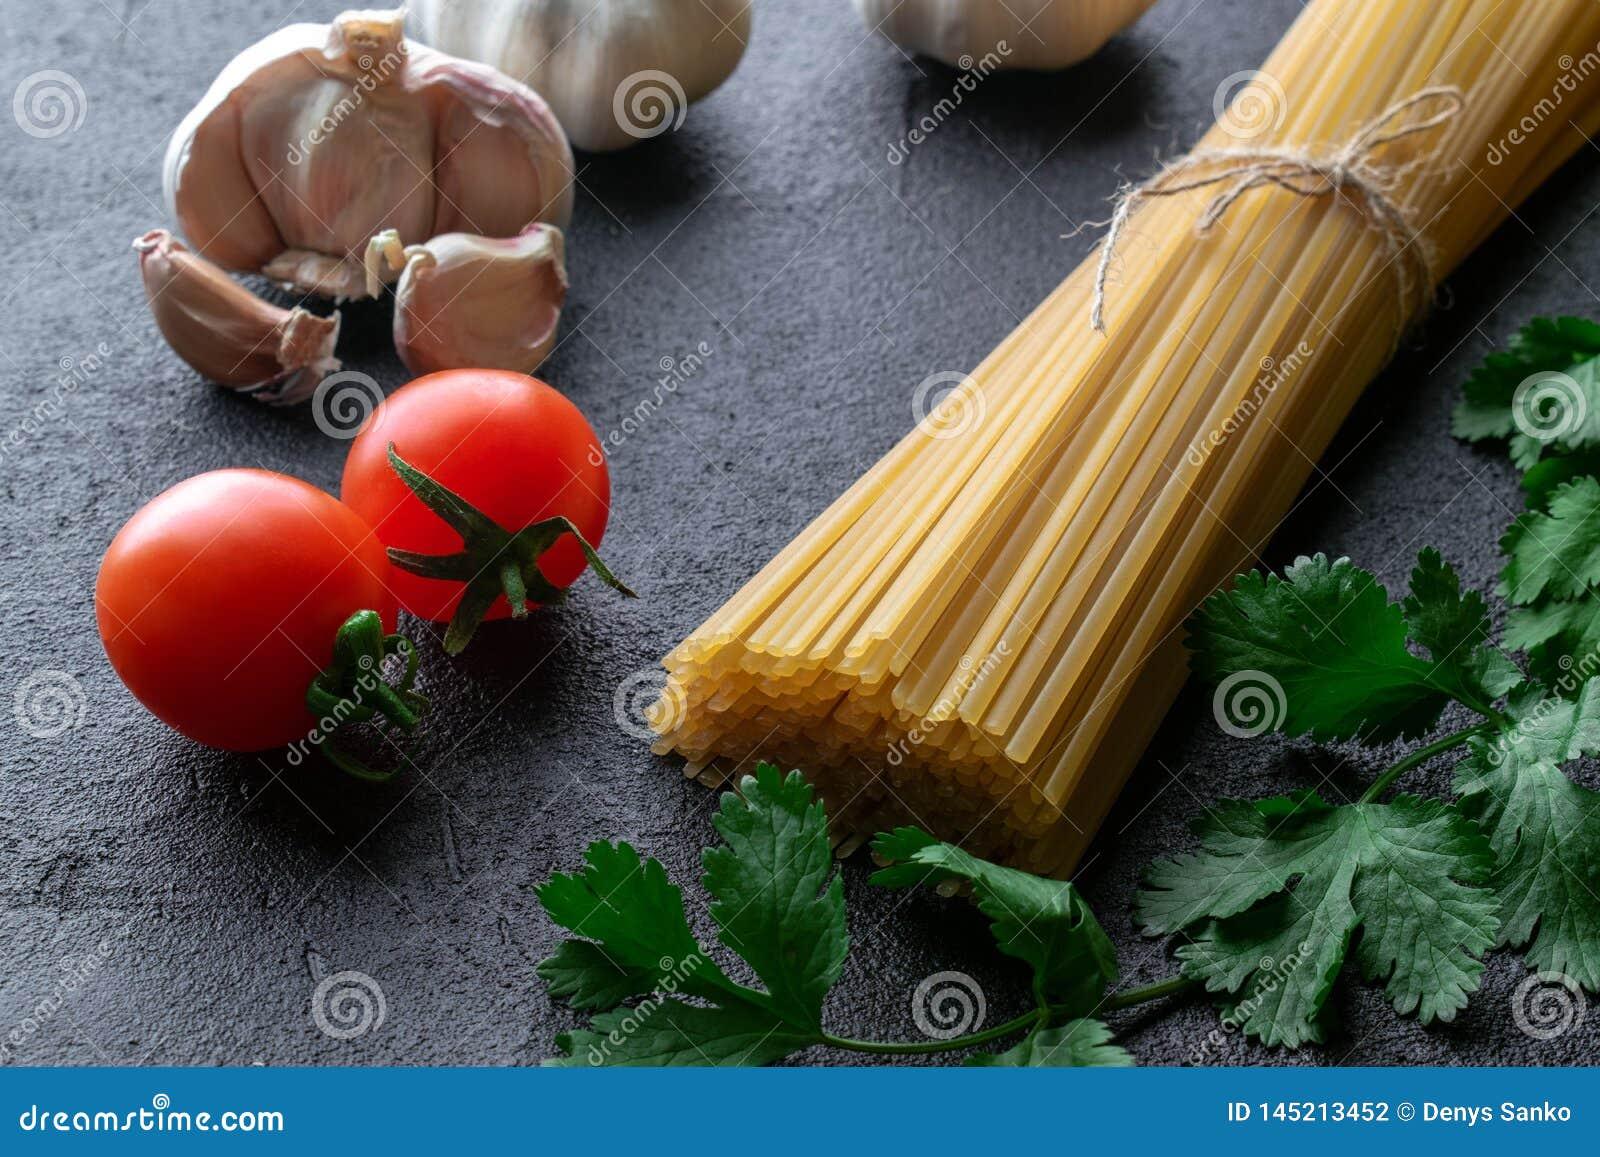 Uncooked spaghetti pasta